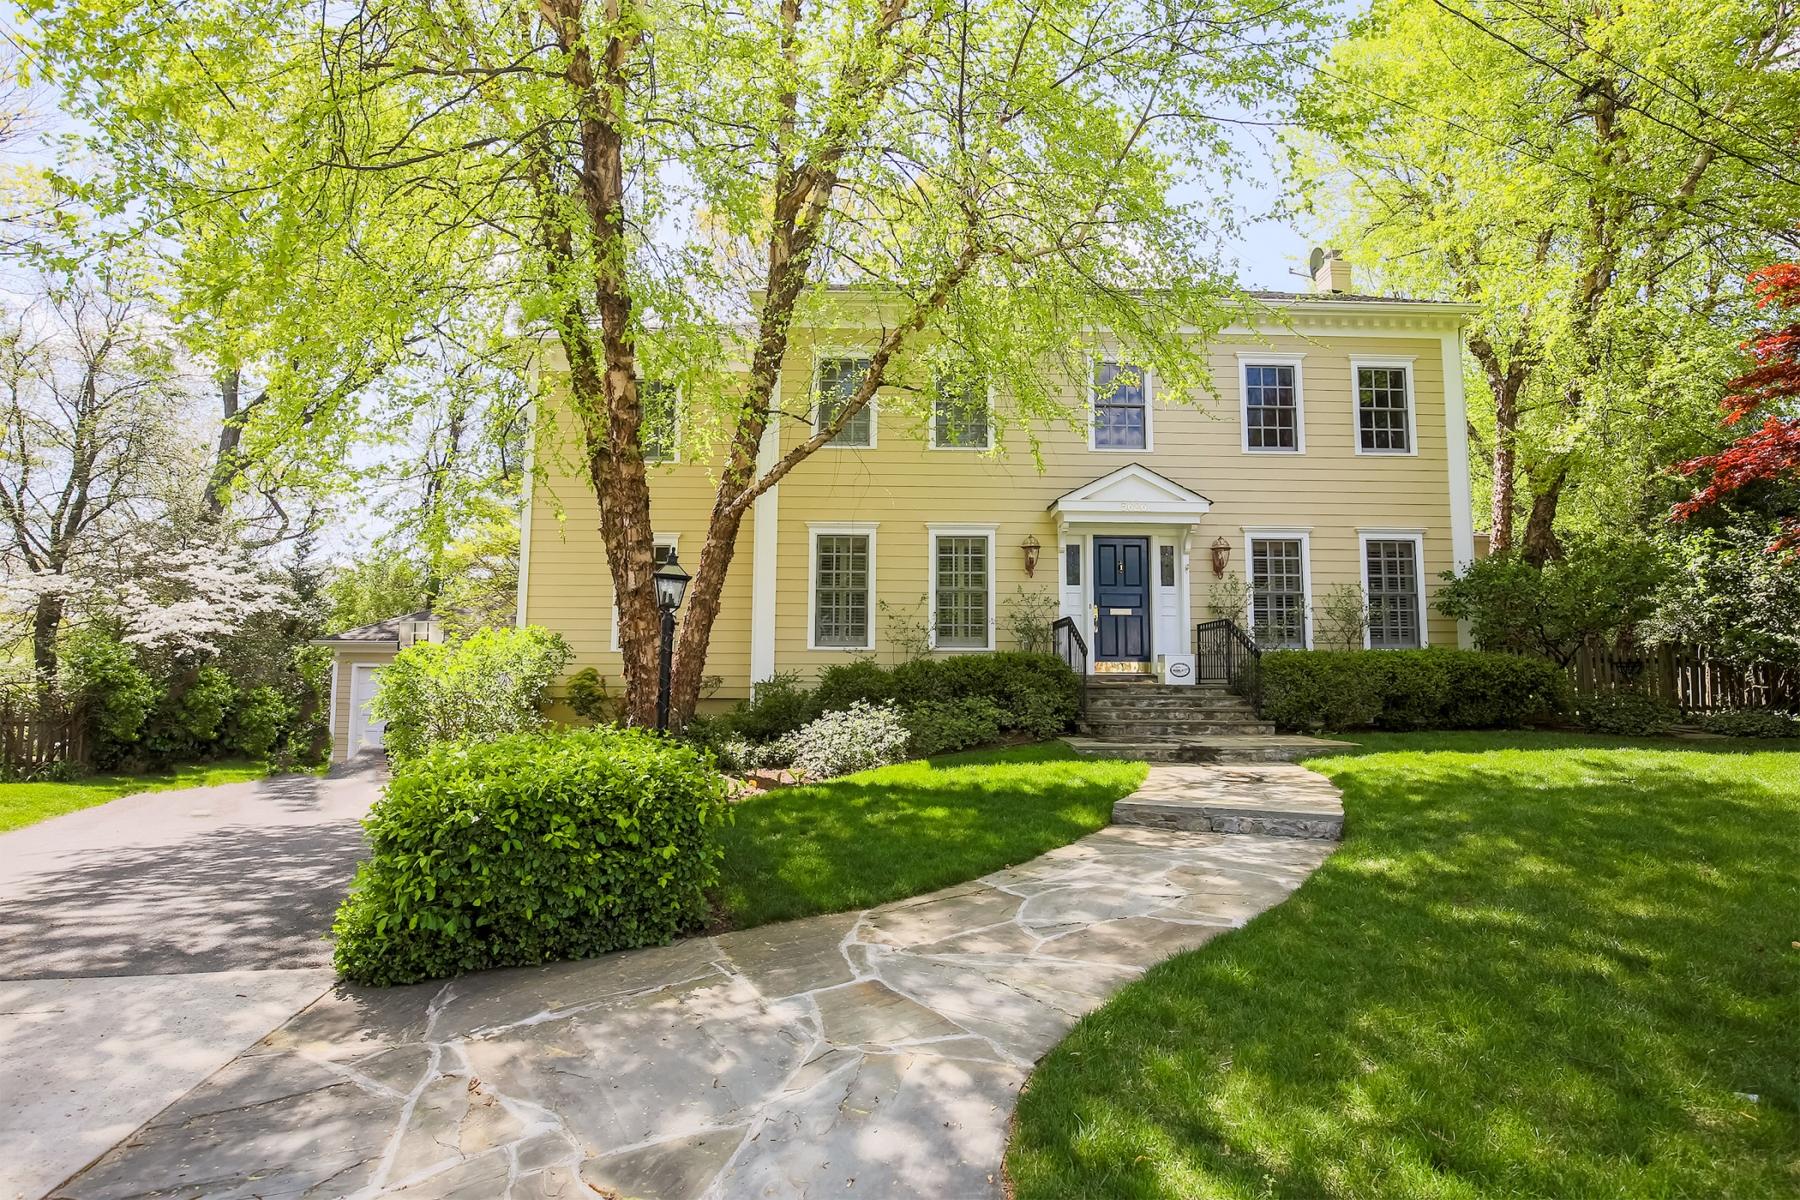 Maison unifamiliale pour l Vente à 5626 Newington Court, Bethesda 5626 Newington Ct Bethesda, Maryland, 20816 États-Unis